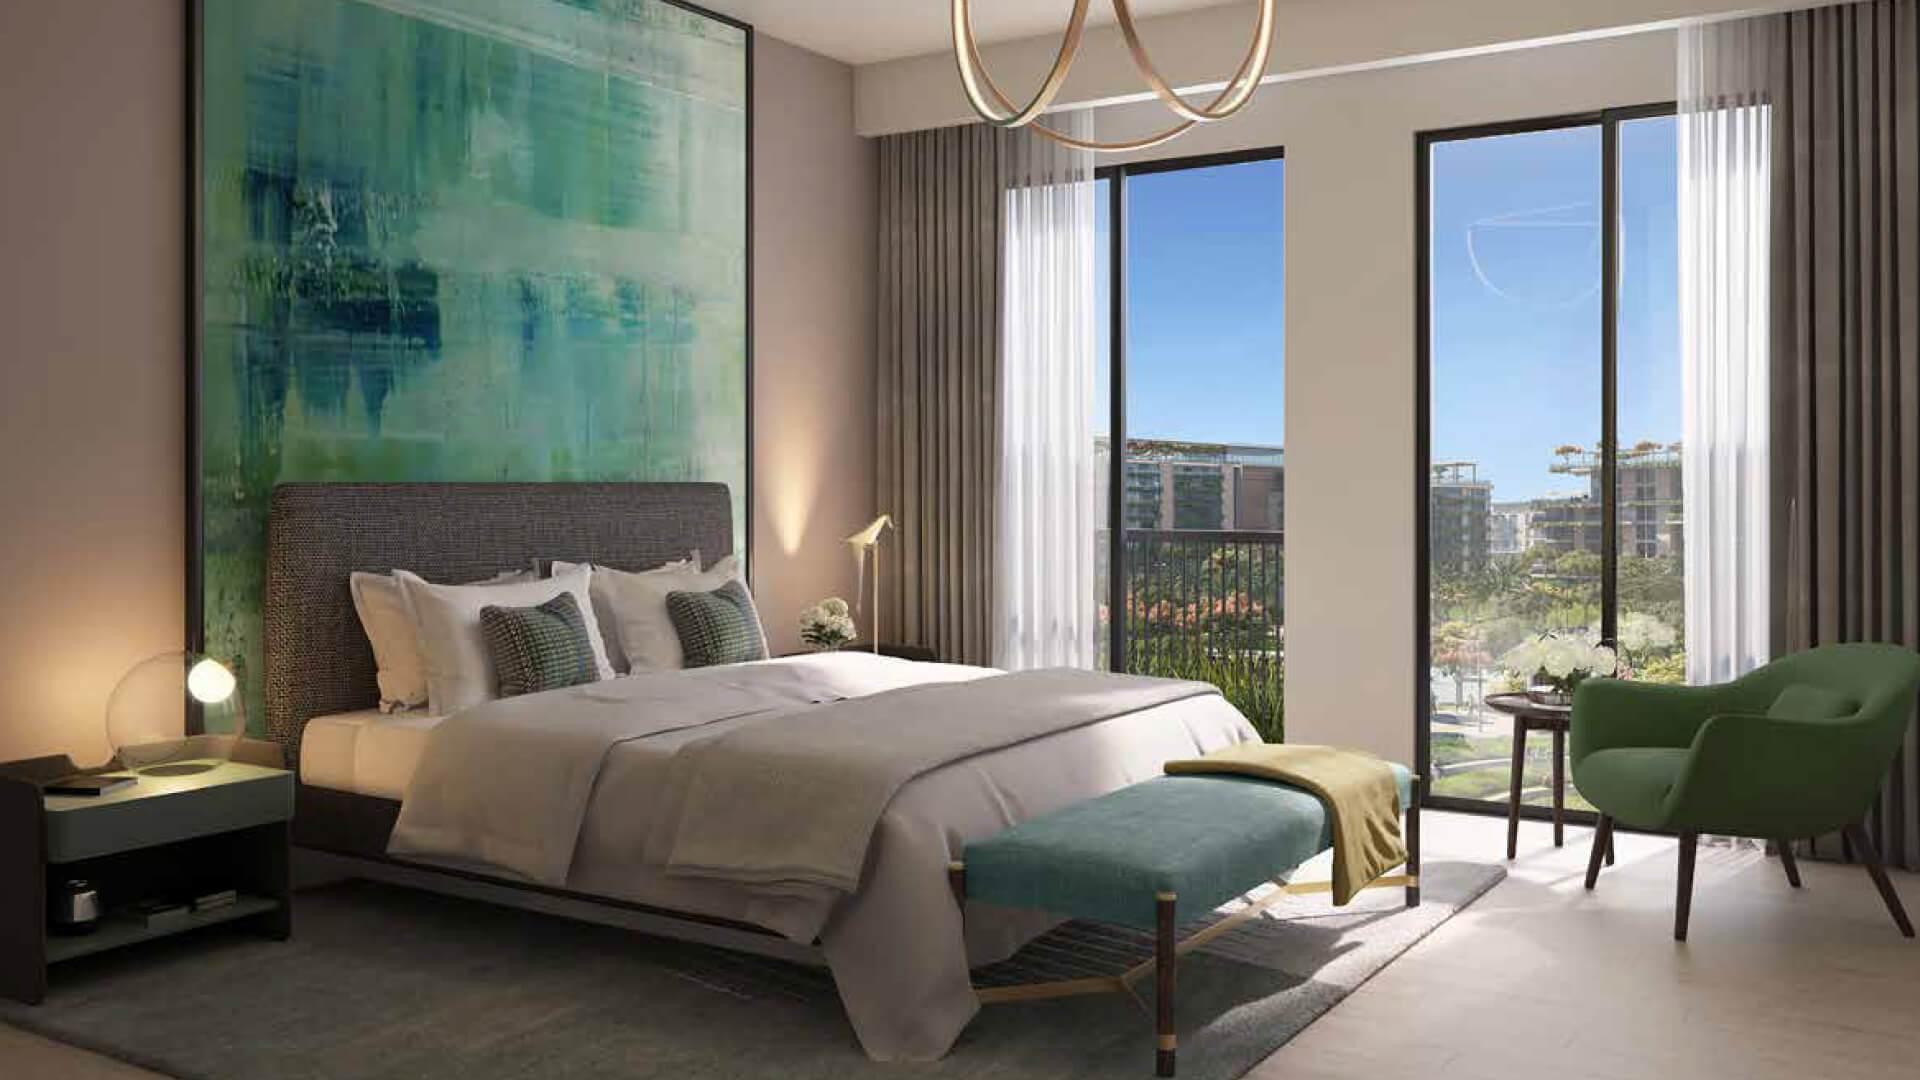 Apartamento en venta en Dubai, EAU, 2 dormitorios, 151 m2, № 24290 – foto 1